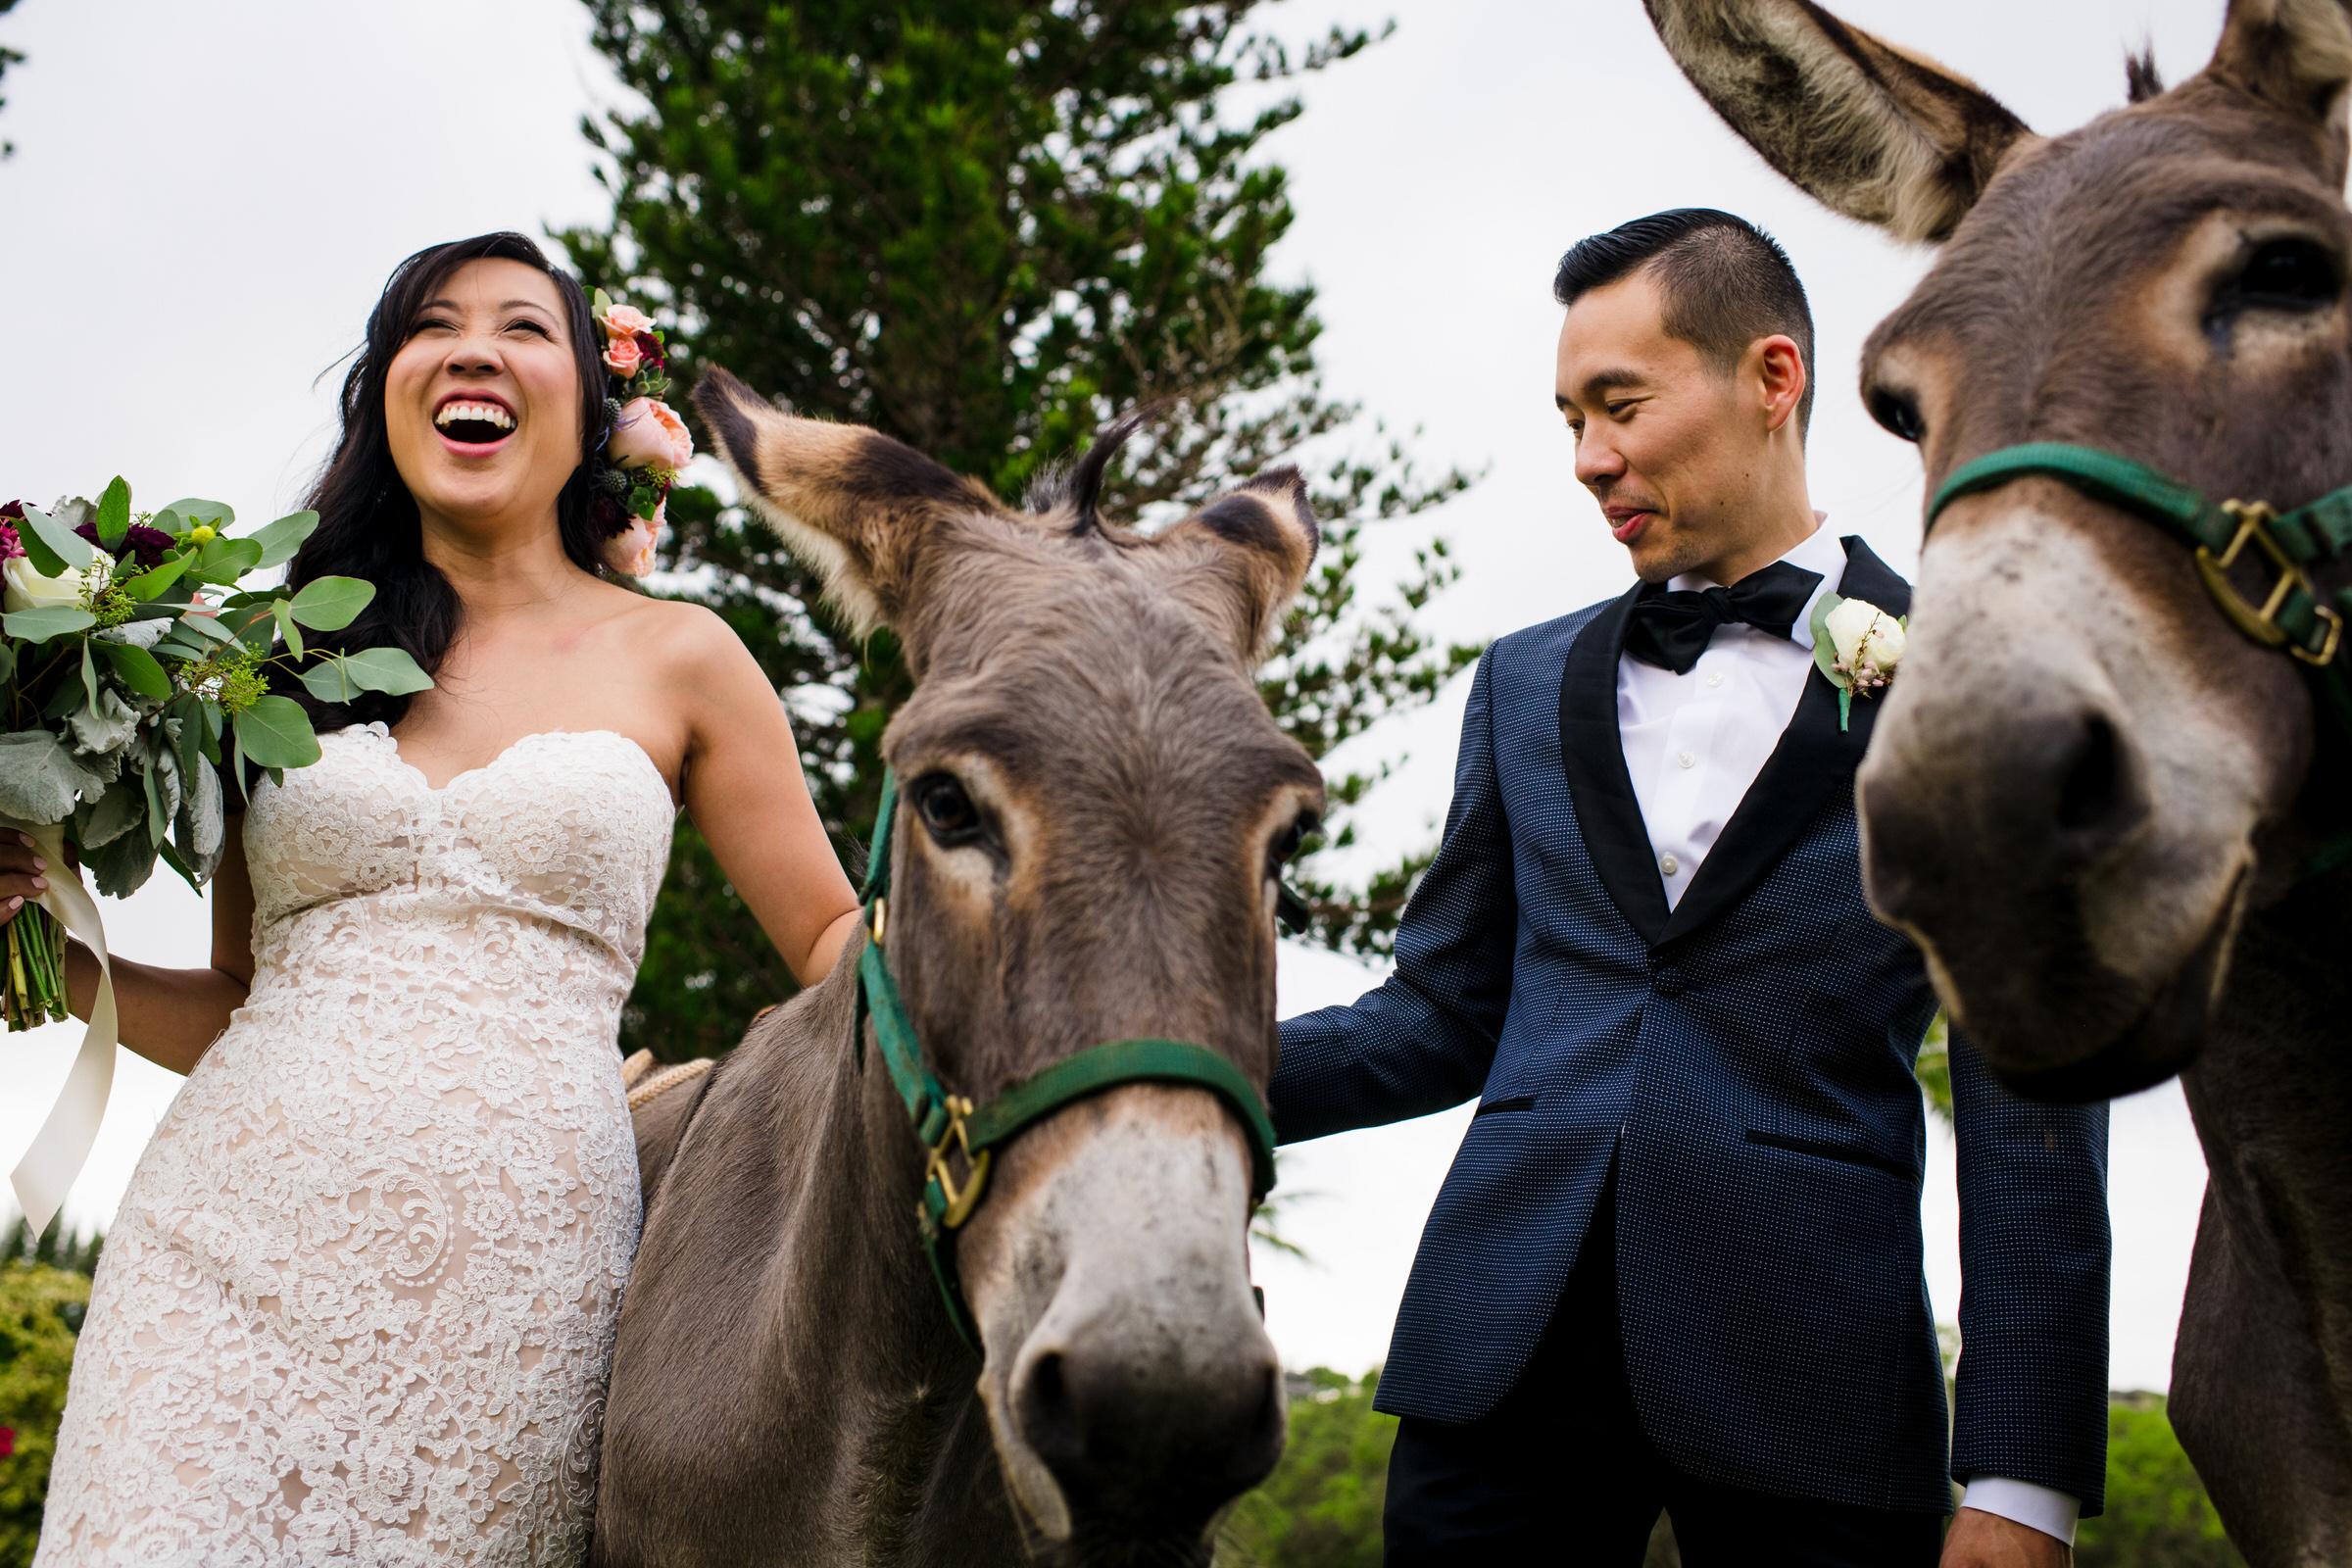 couple-portrait-with-donkeys-angela-nelson-photography